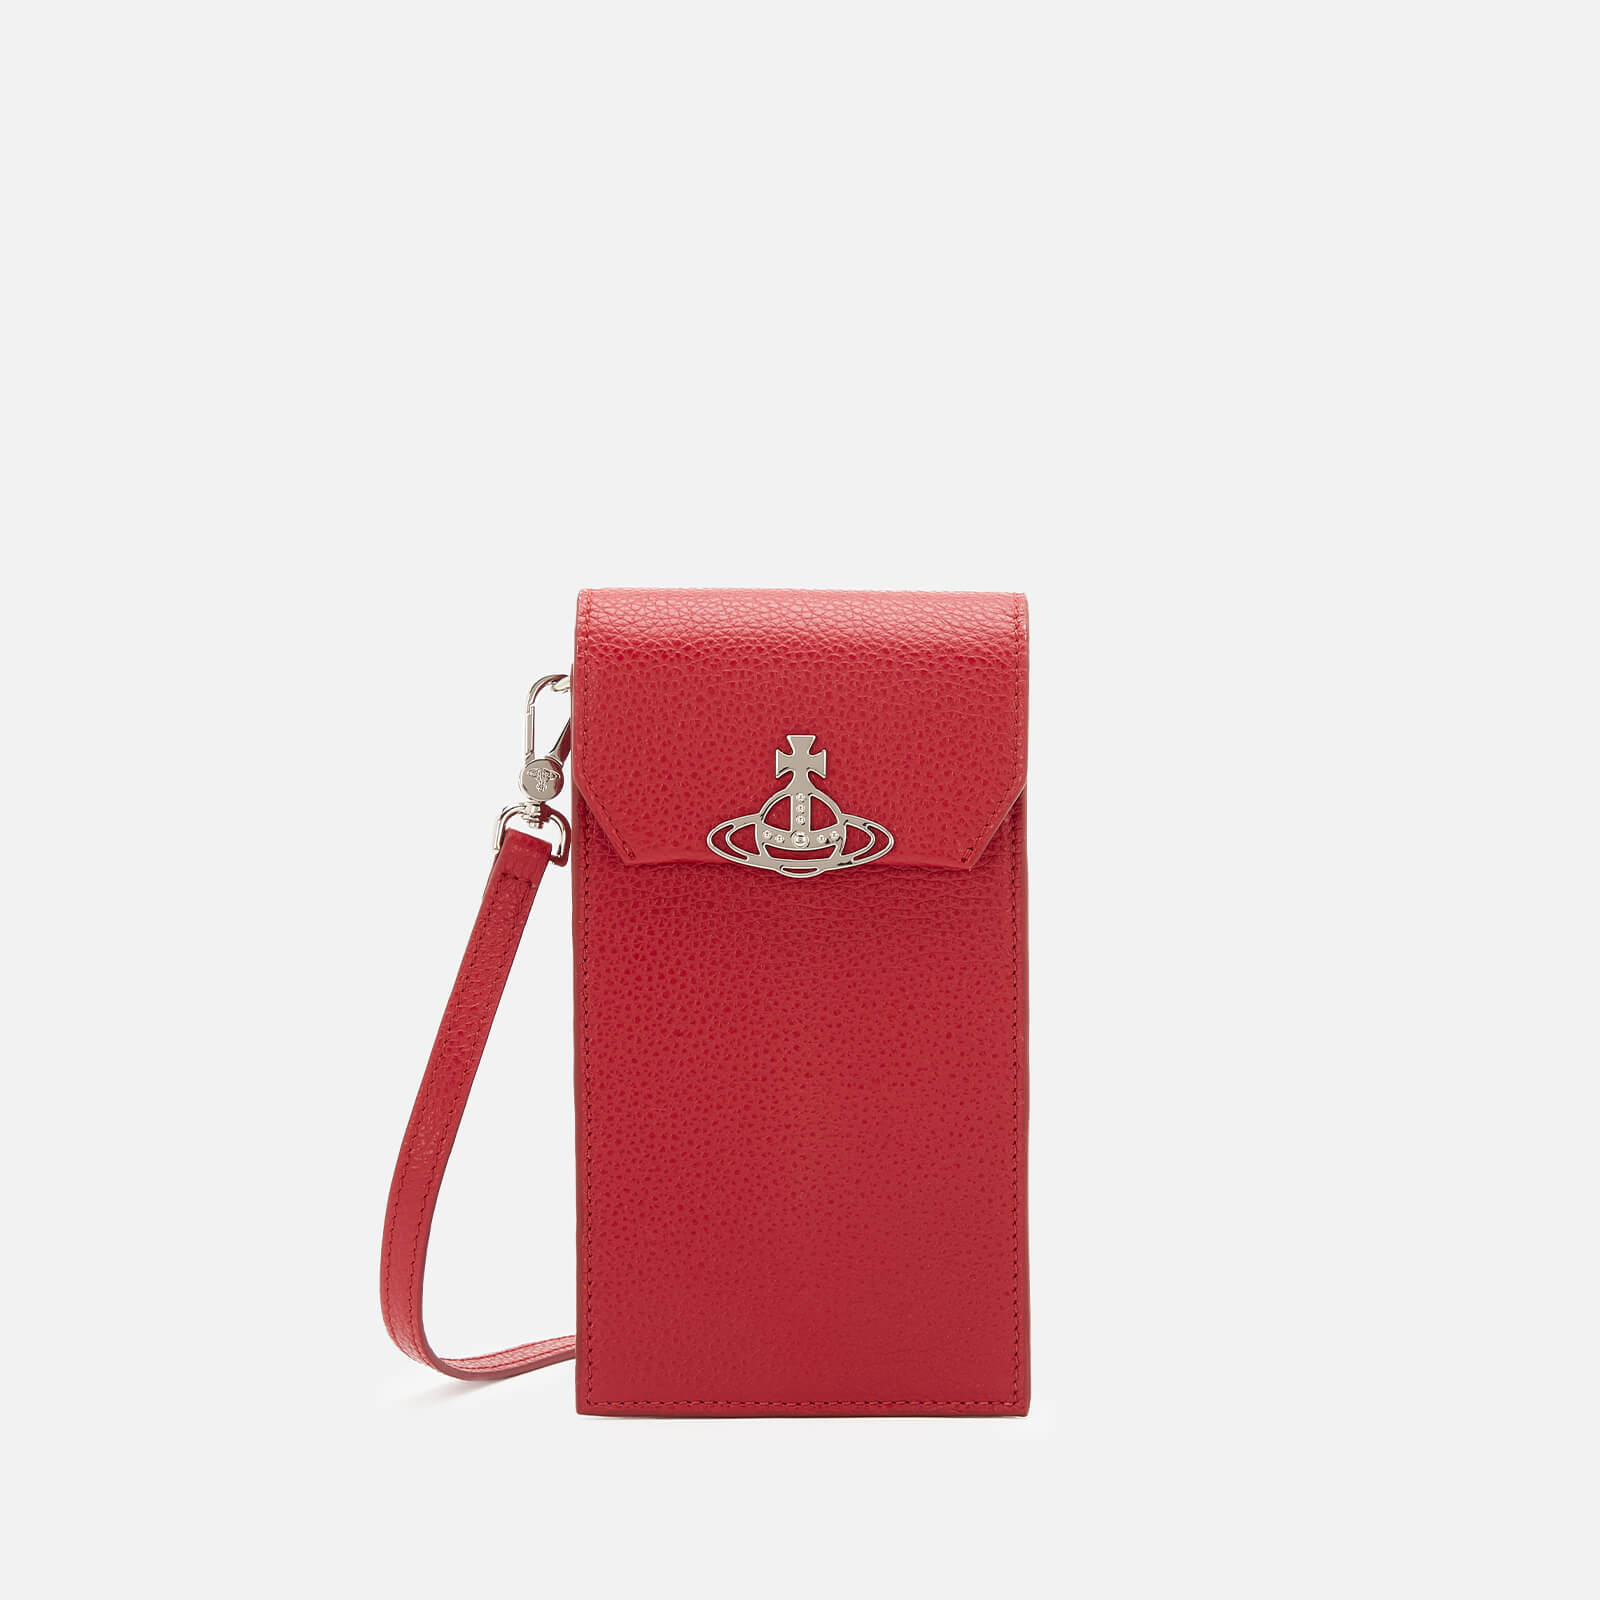 Vivienne Westwood Women's Jordan Phone Bag - Red